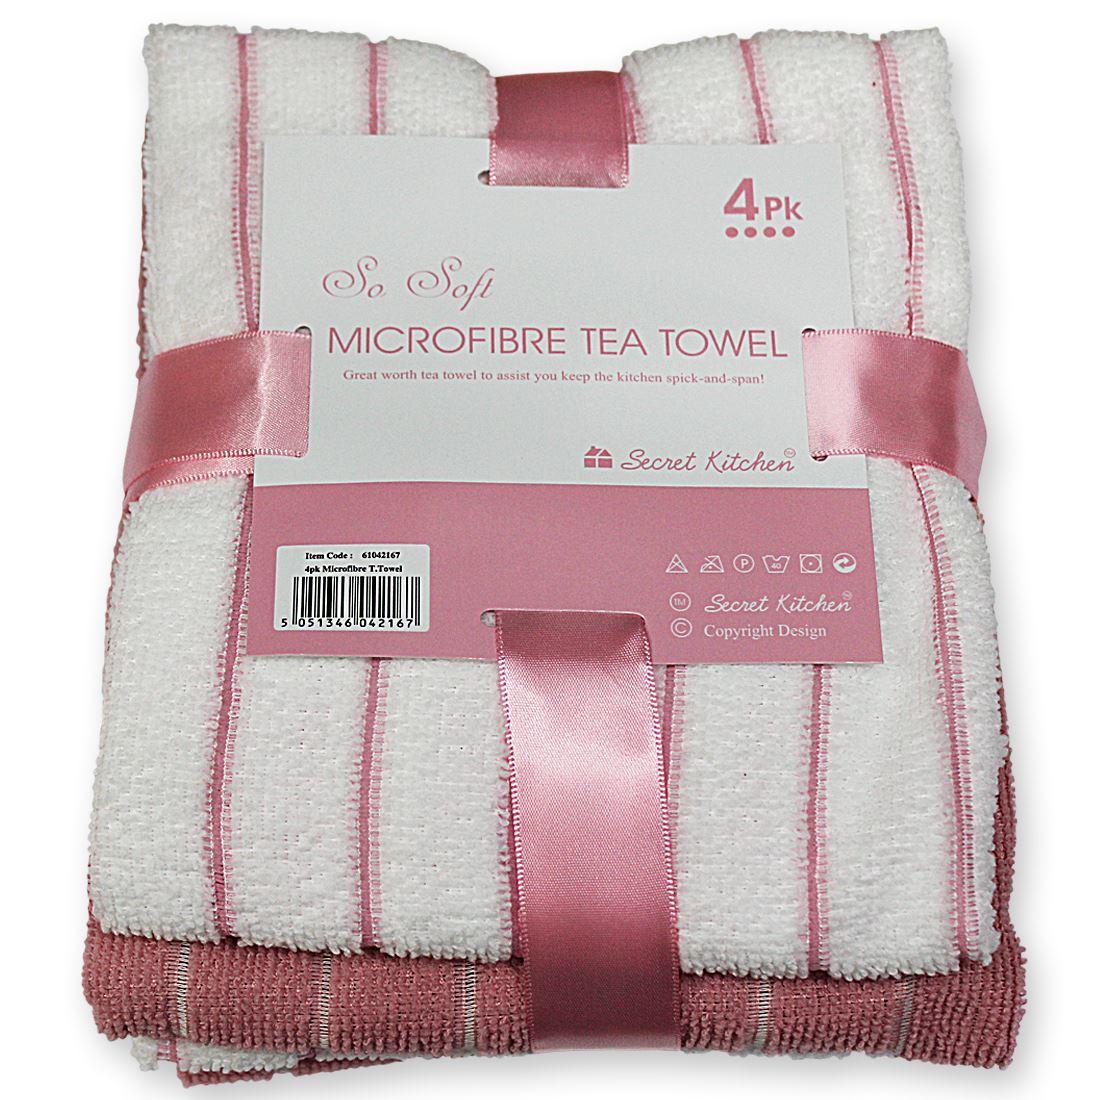 4 Pack Microfibre Kitchen Tea Towels So Soft Secret Kitchen Spick ...